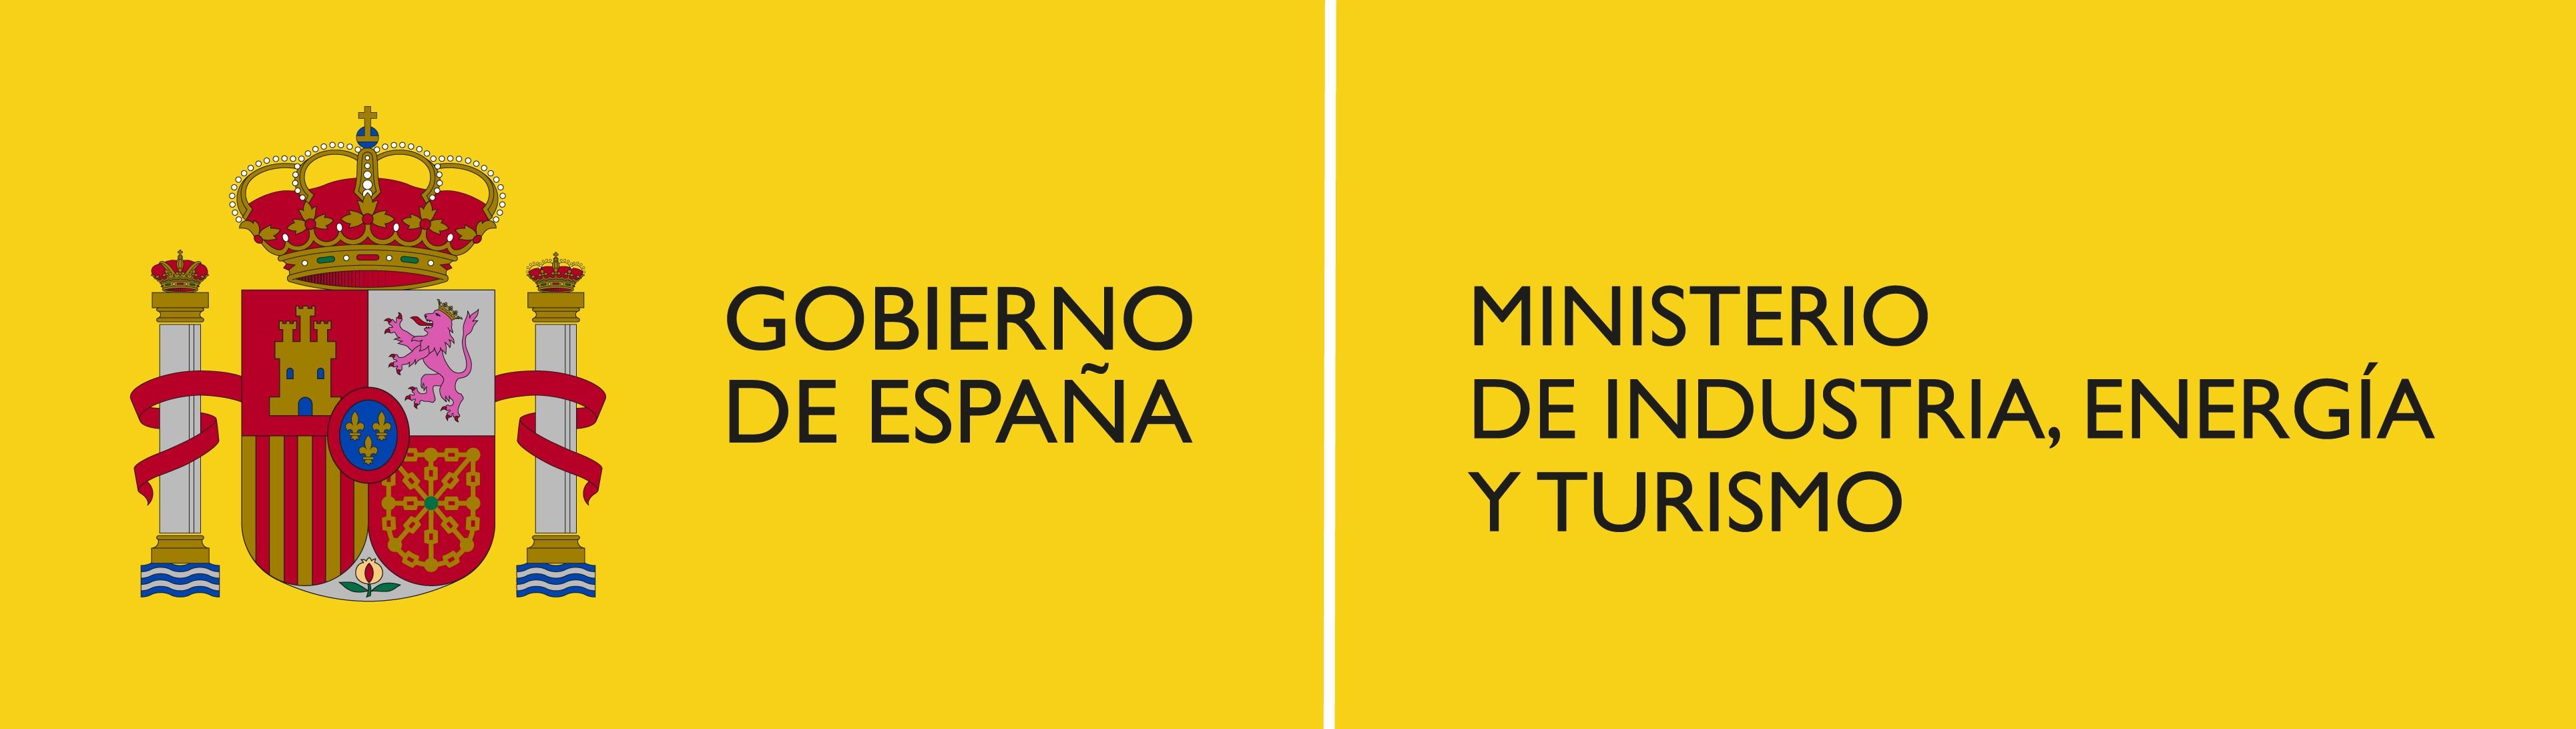 Gobierno de España. Ministerio de Industria, Energía y Turismo